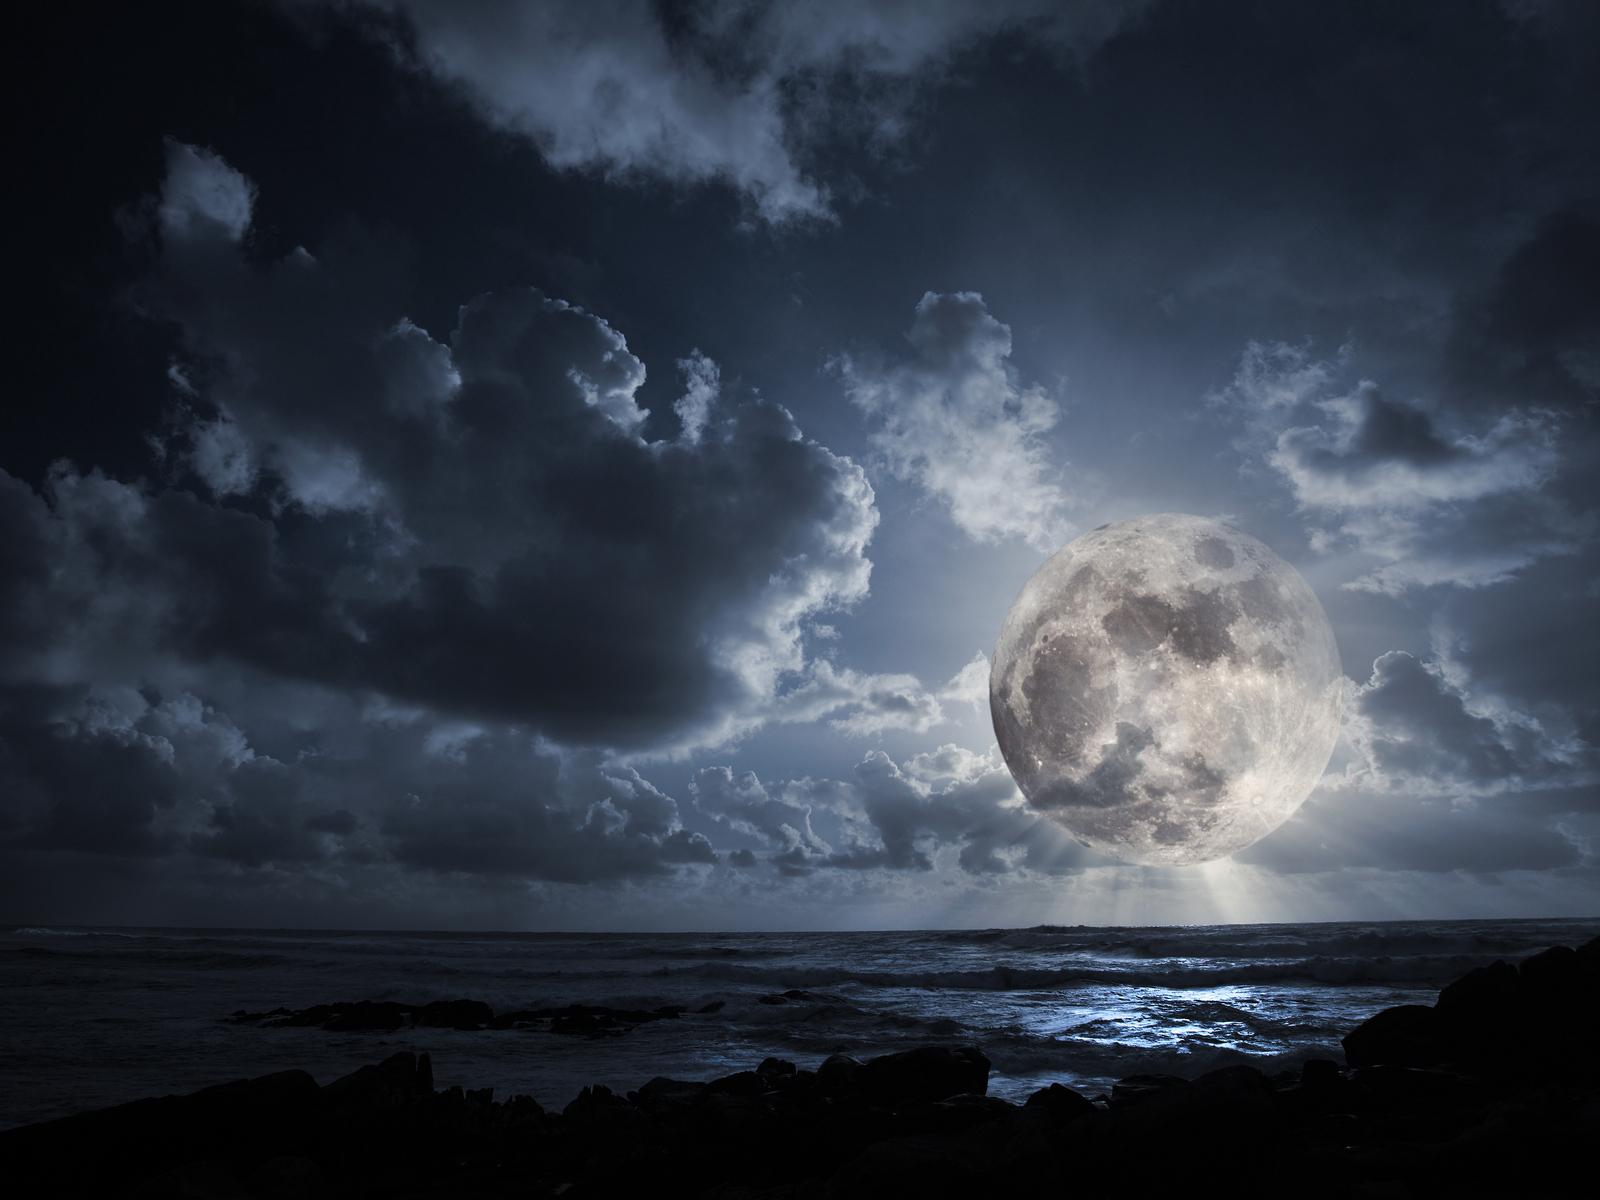 18213 скачать обои Пейзаж, Небо, Море, Облака, Луна - заставки и картинки бесплатно